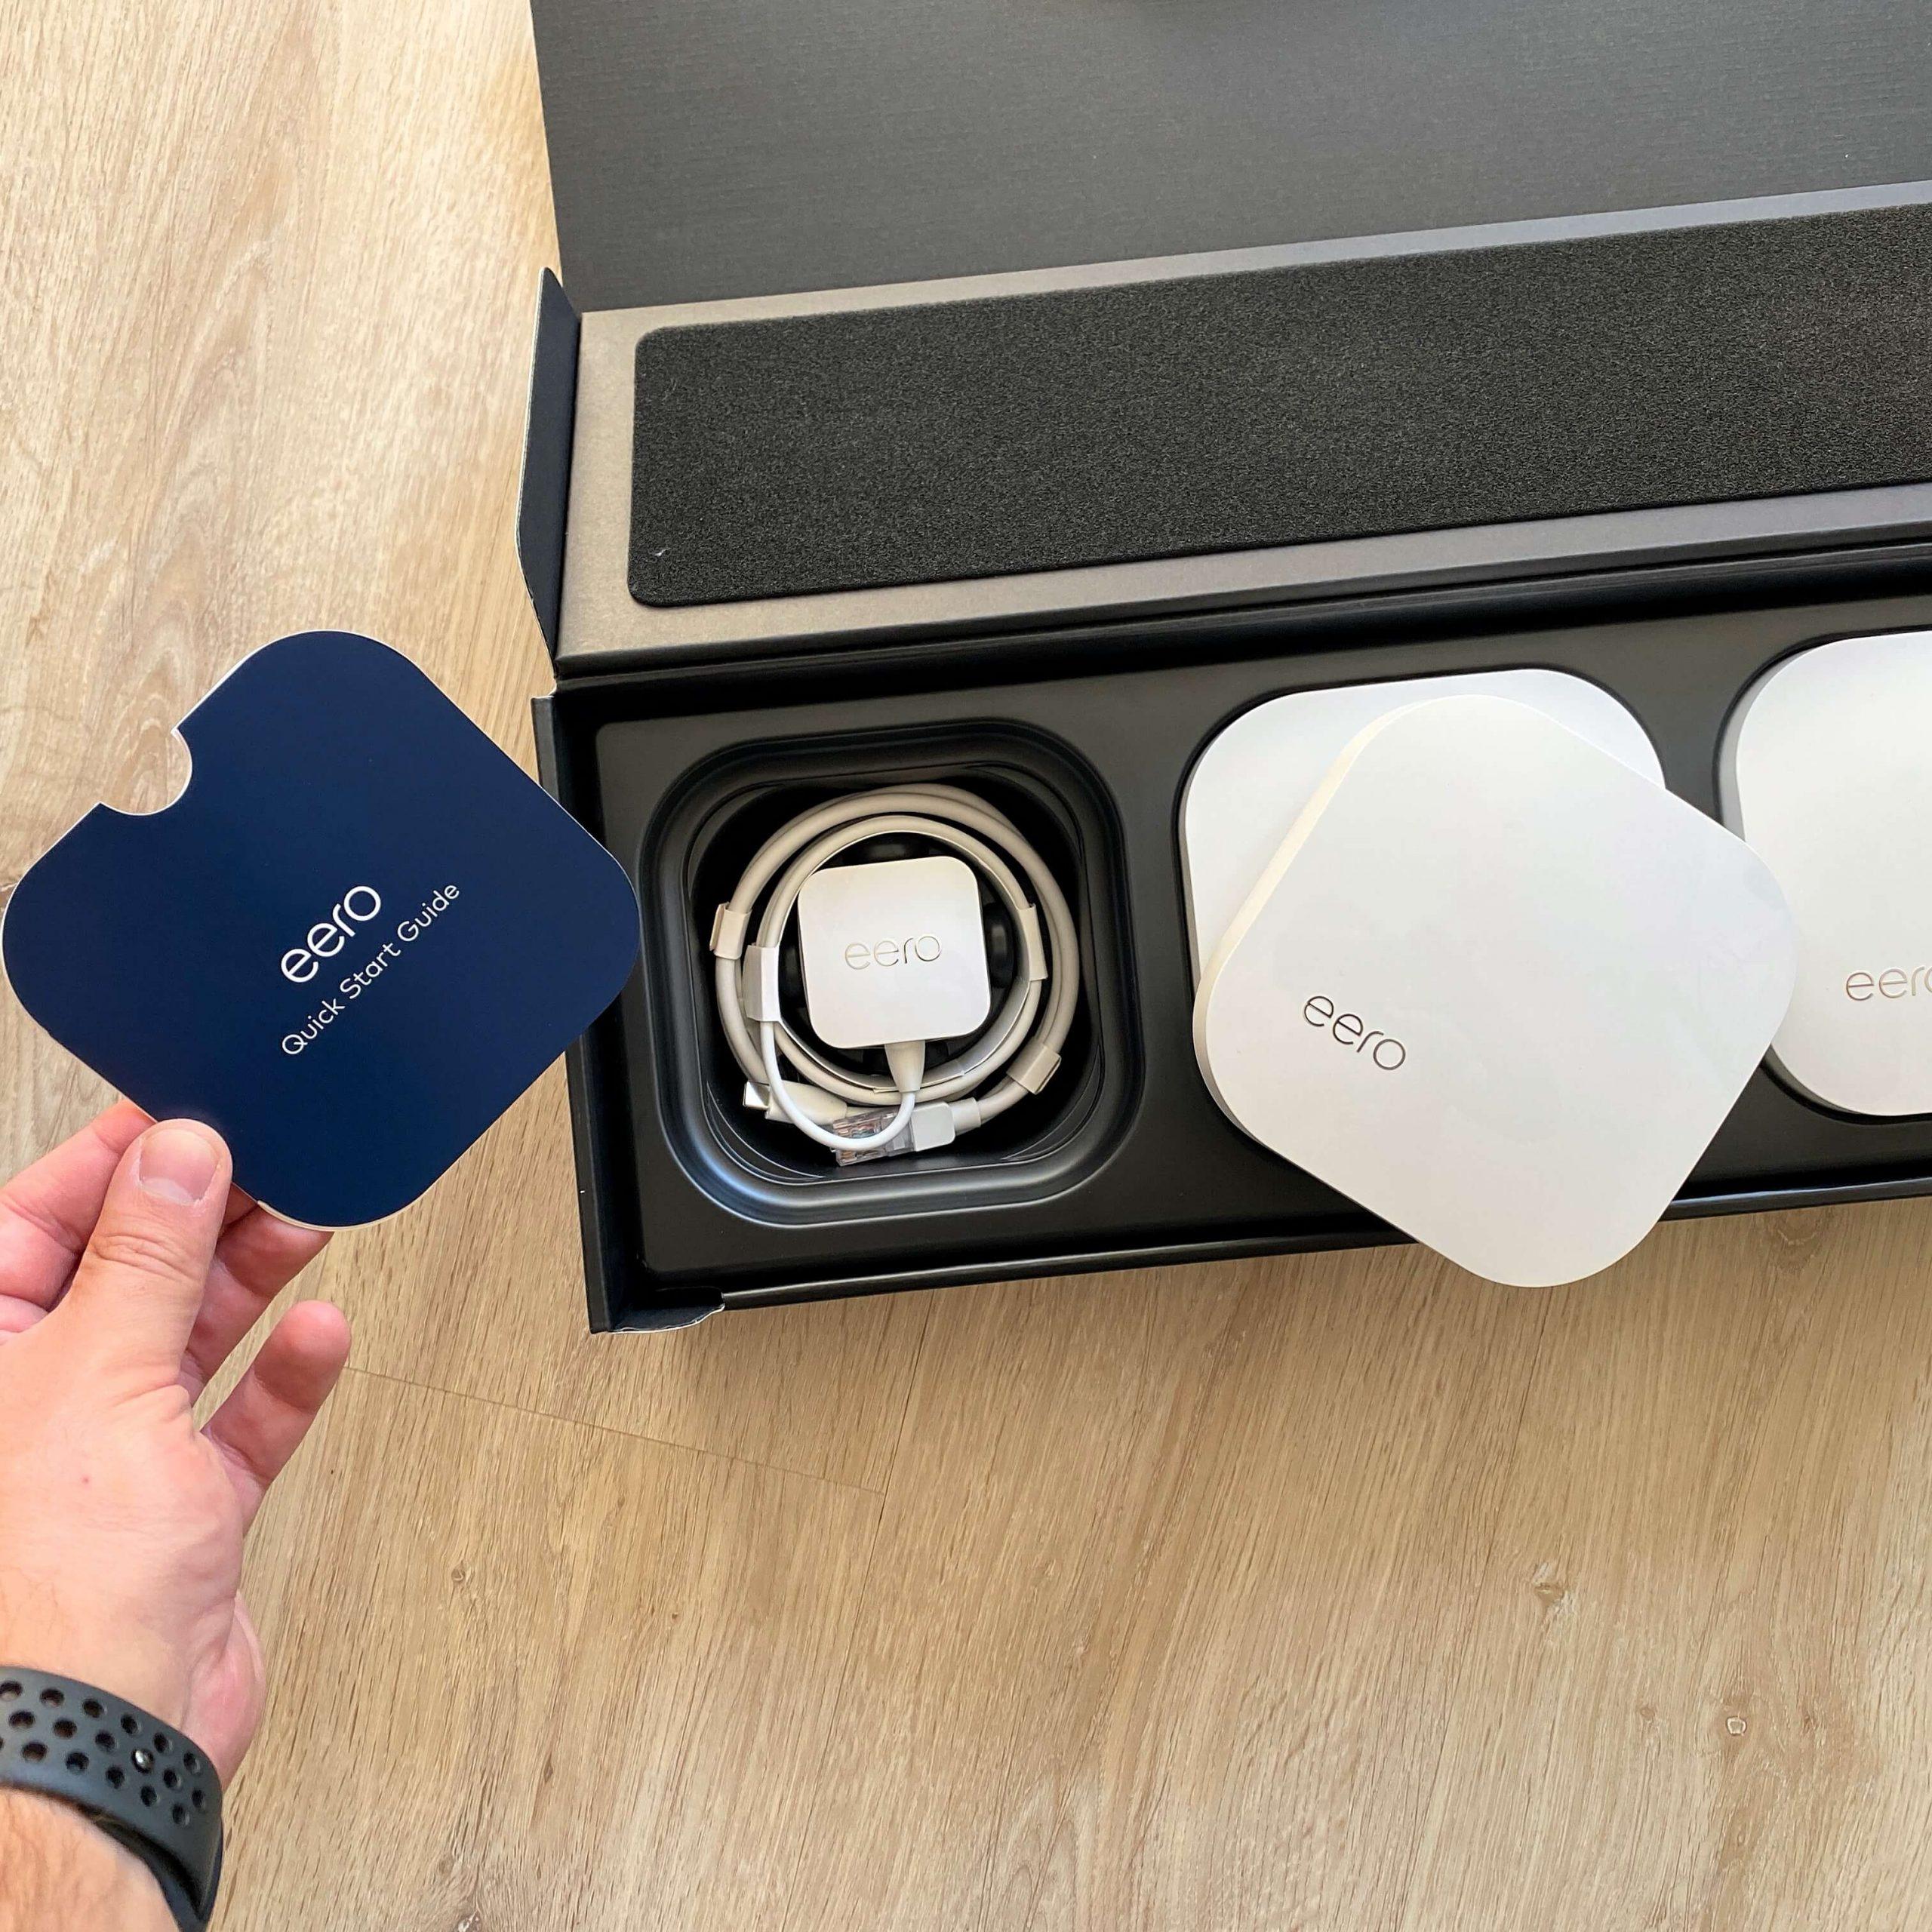 Apple-HomeKit-Router-von-eero-besondere-Sicherheit-im-SmartHome10-scaled Apple HomeKit Router von eero - maximale Sicherheit im Apple HomeKit-Zuhause